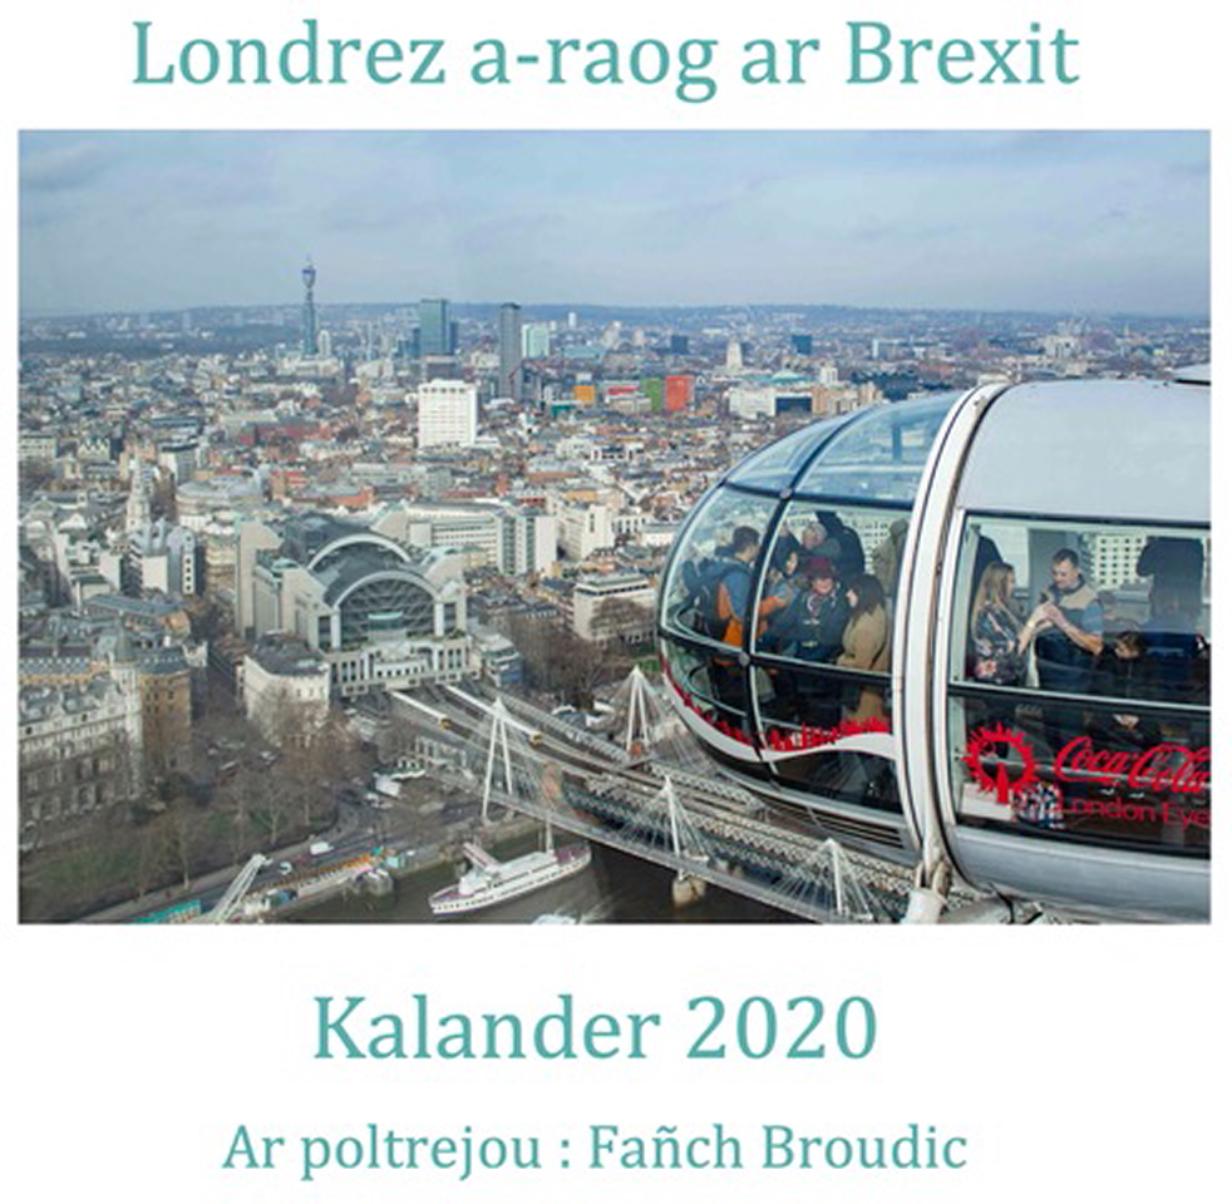 Londrez-a-raog-ar-Brexit-1